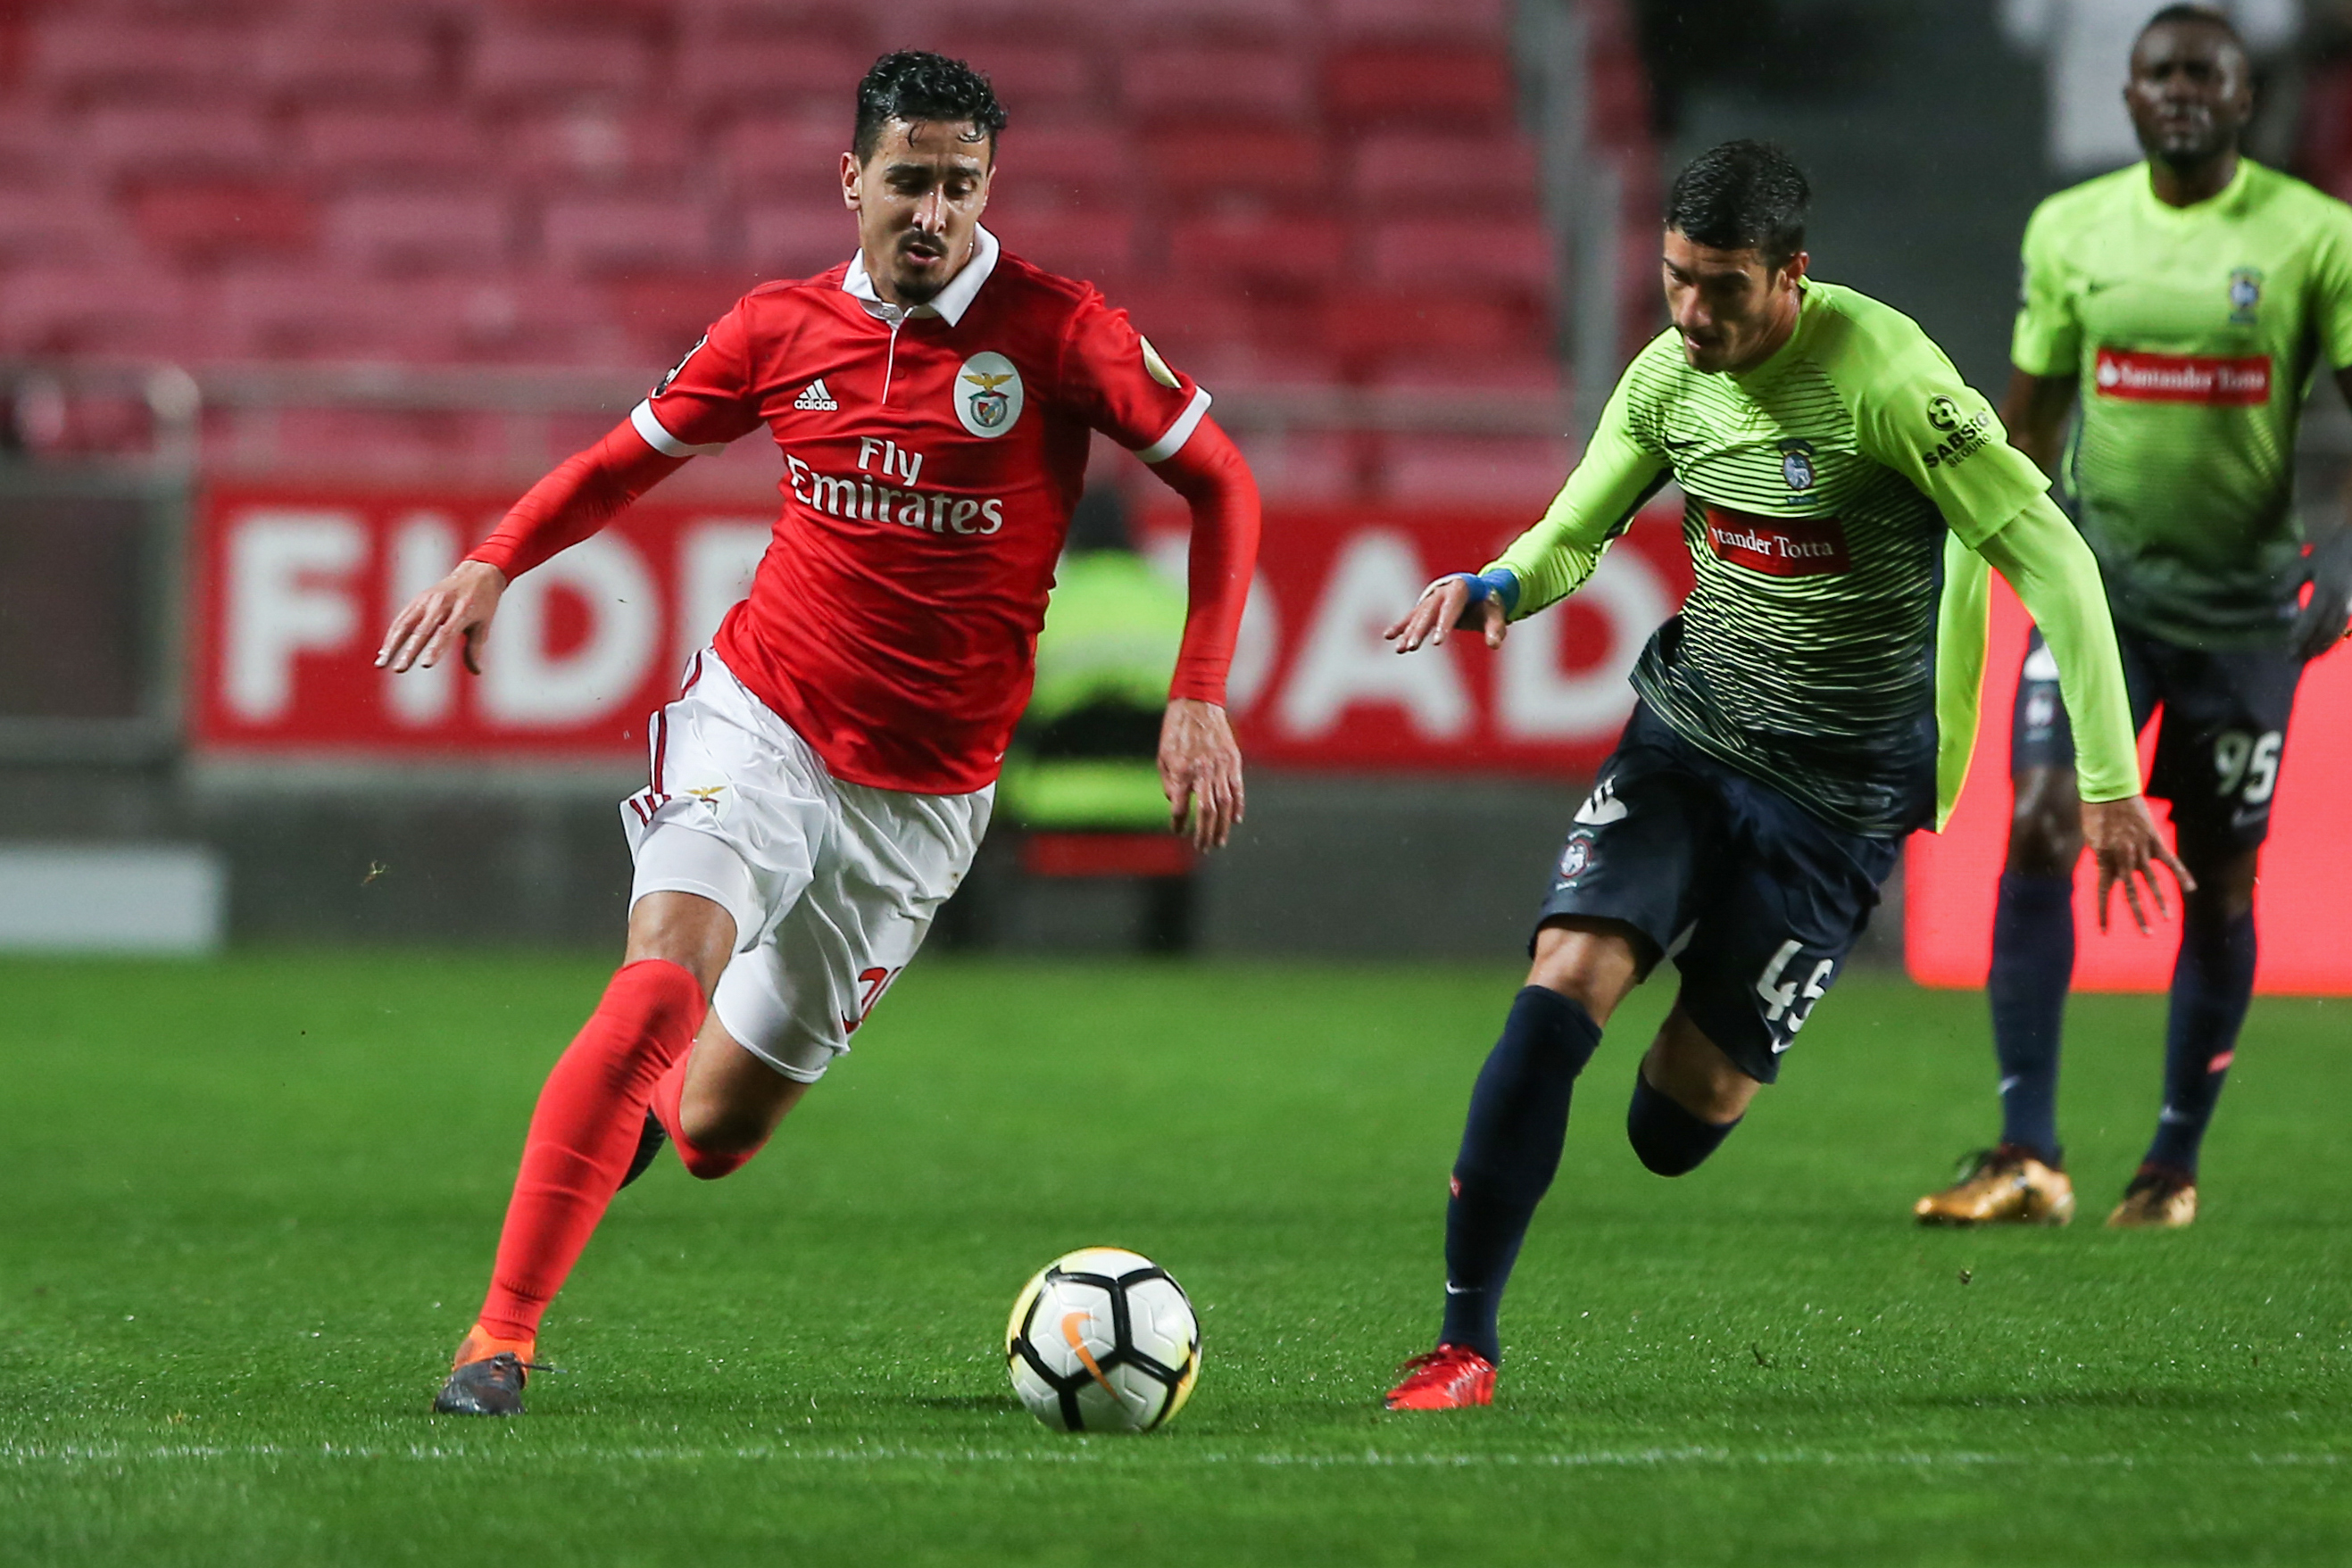 Ricardo Valente e Fábio China desfalcam Marítimo na receção ao Benfica